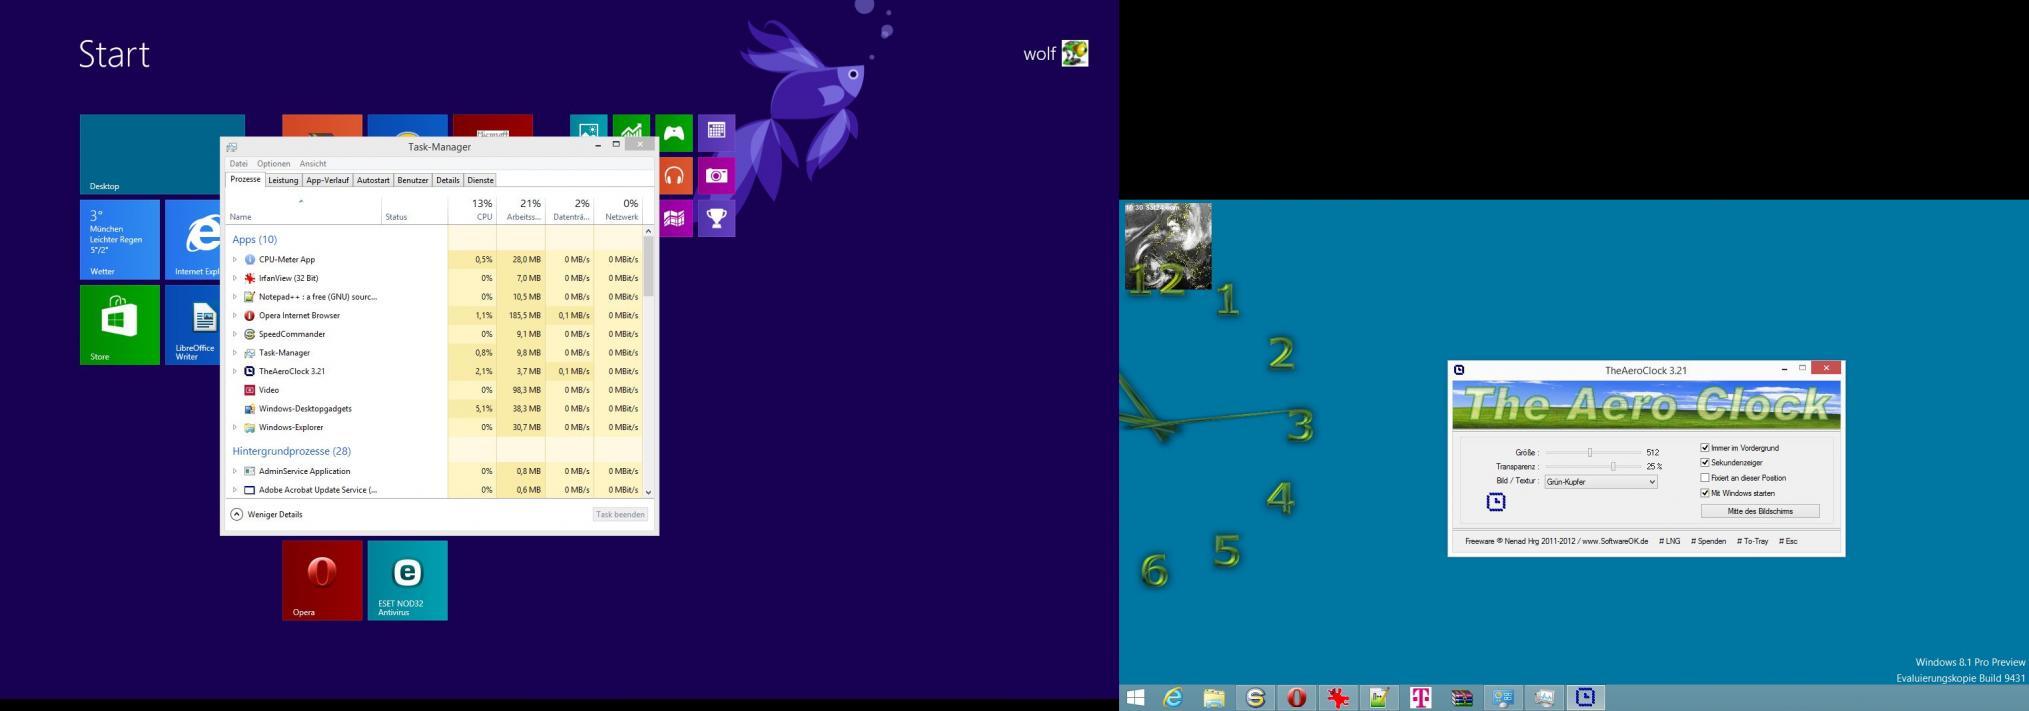 Desktopanwendungen �ber dem Modern UI-imvodergrund.jpg